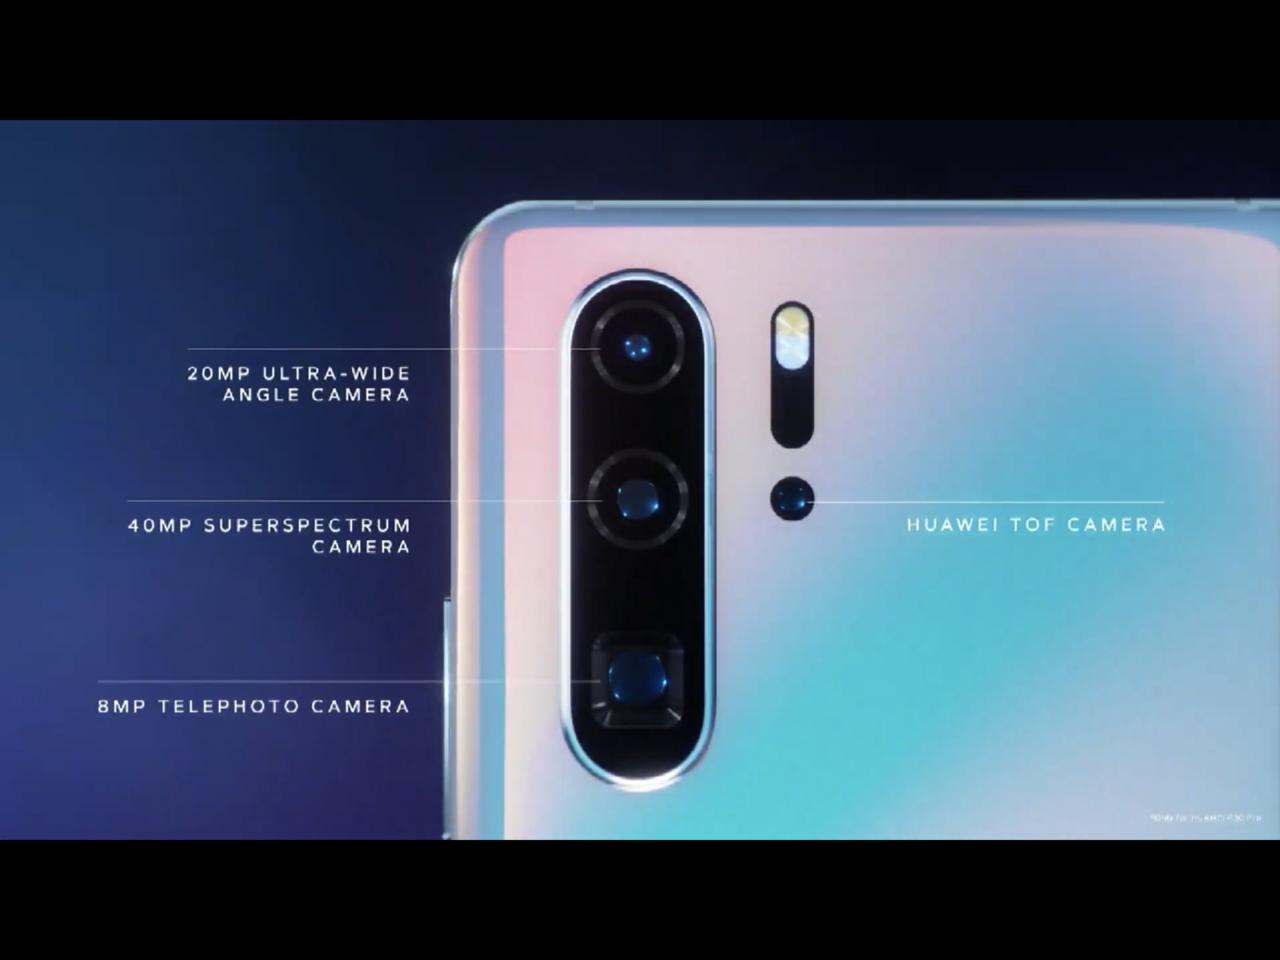 華為P30 Pro的鏡頭配置。圖/摘自發表會